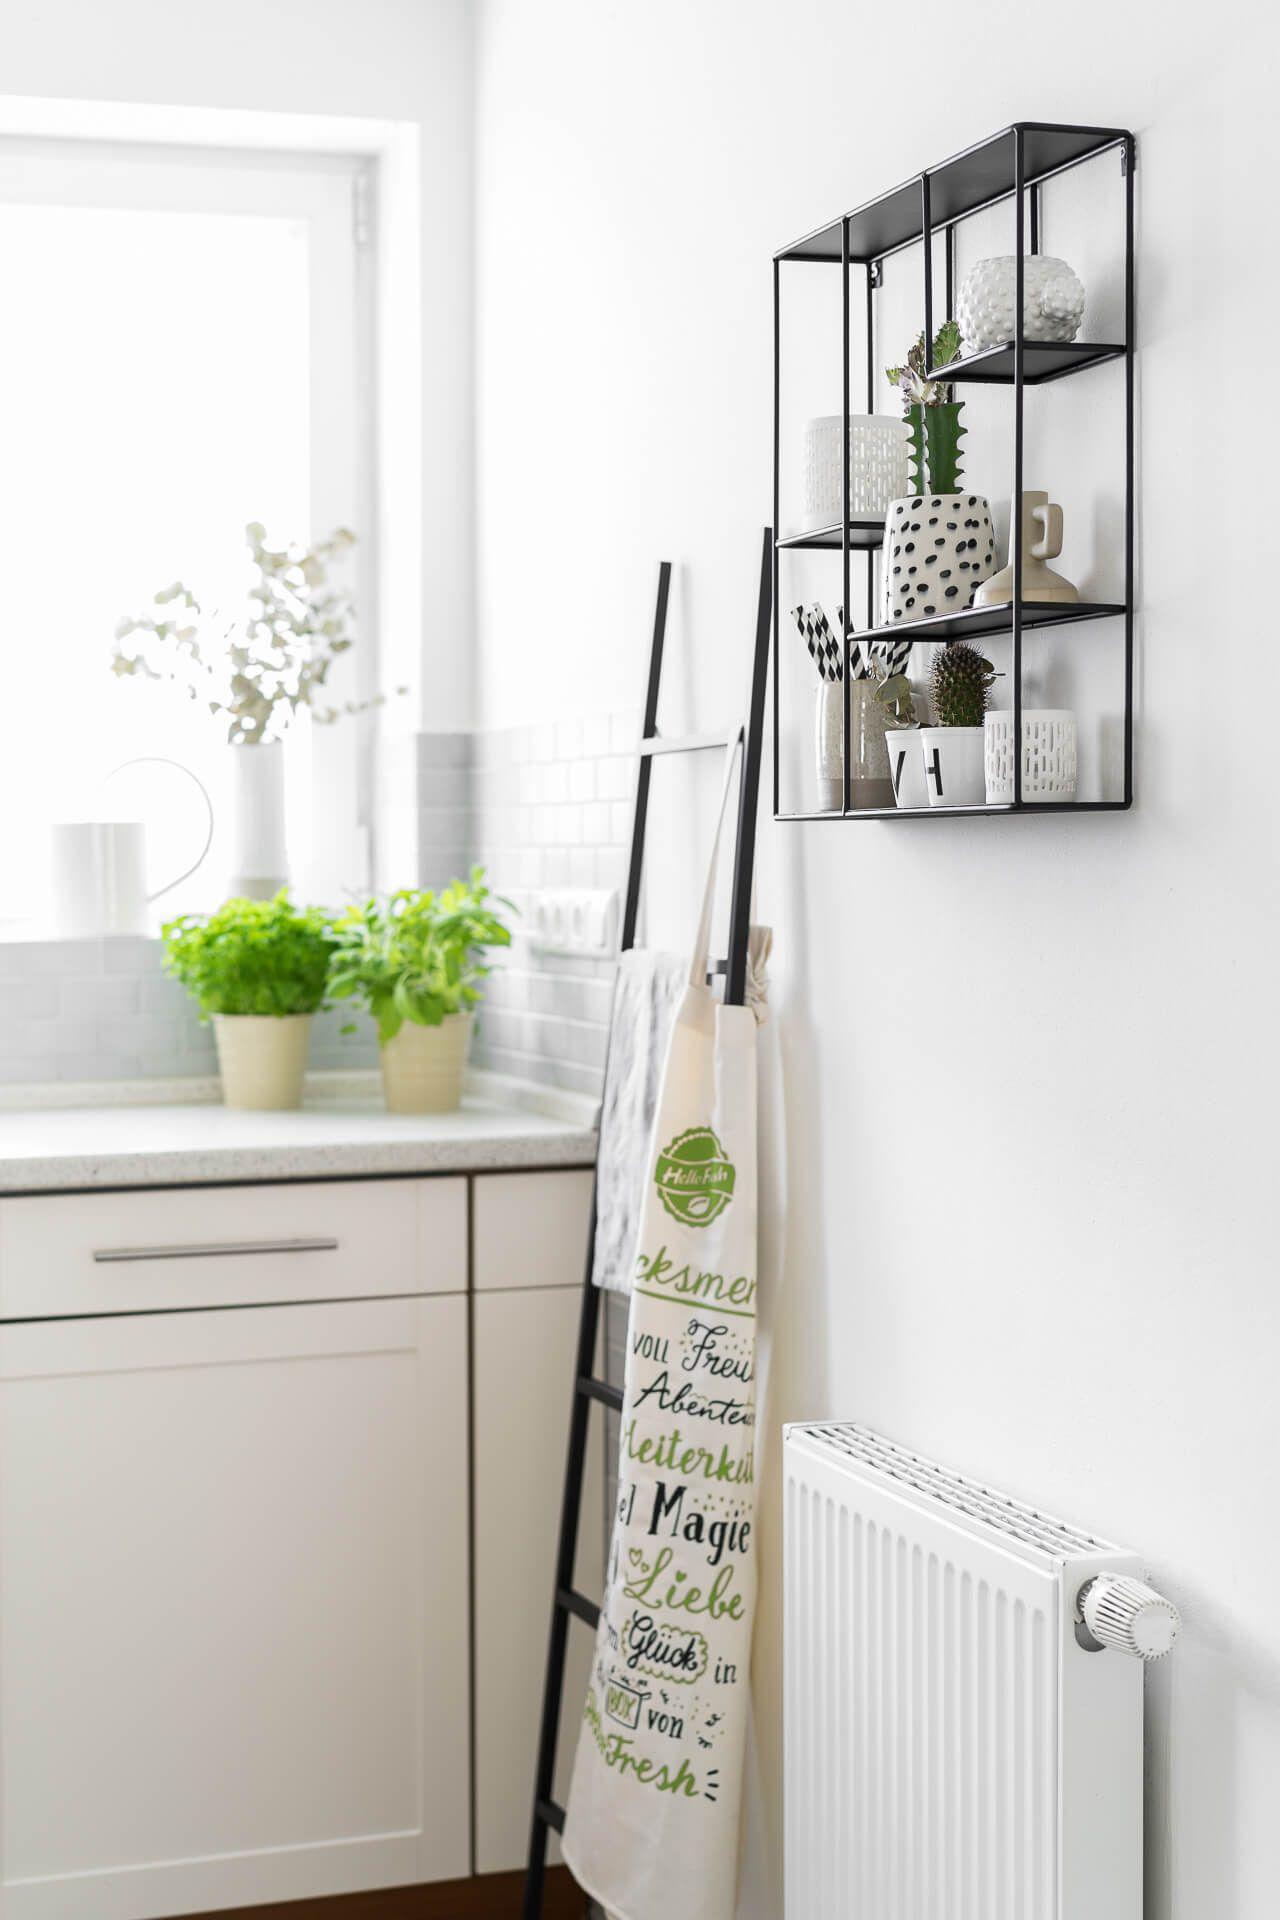 Küchendekoration  SCHÖNER WOHNEN – 7 EINFACHE TIPPS FÜR DIE KÜCHENDEKORATION - Bei ...